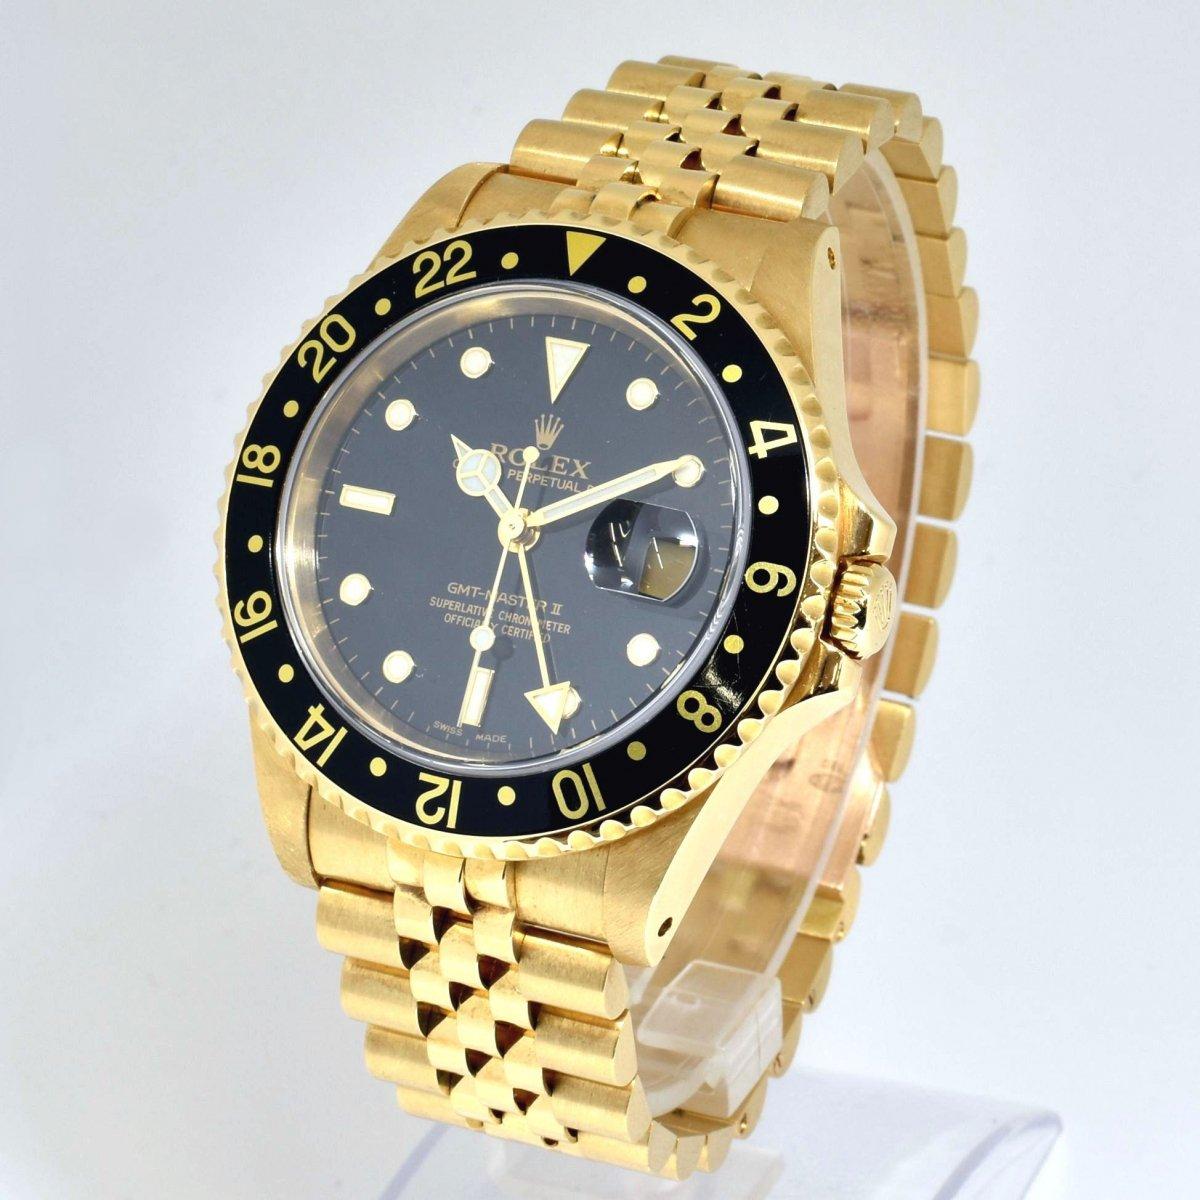 【店頭販売品】ロレックス/K18YG/GMTマスター�/16718/A番/オートマチック/腕時計/ROLEX/定価:約330万/男性用/メンズ/イエローゴールド↑